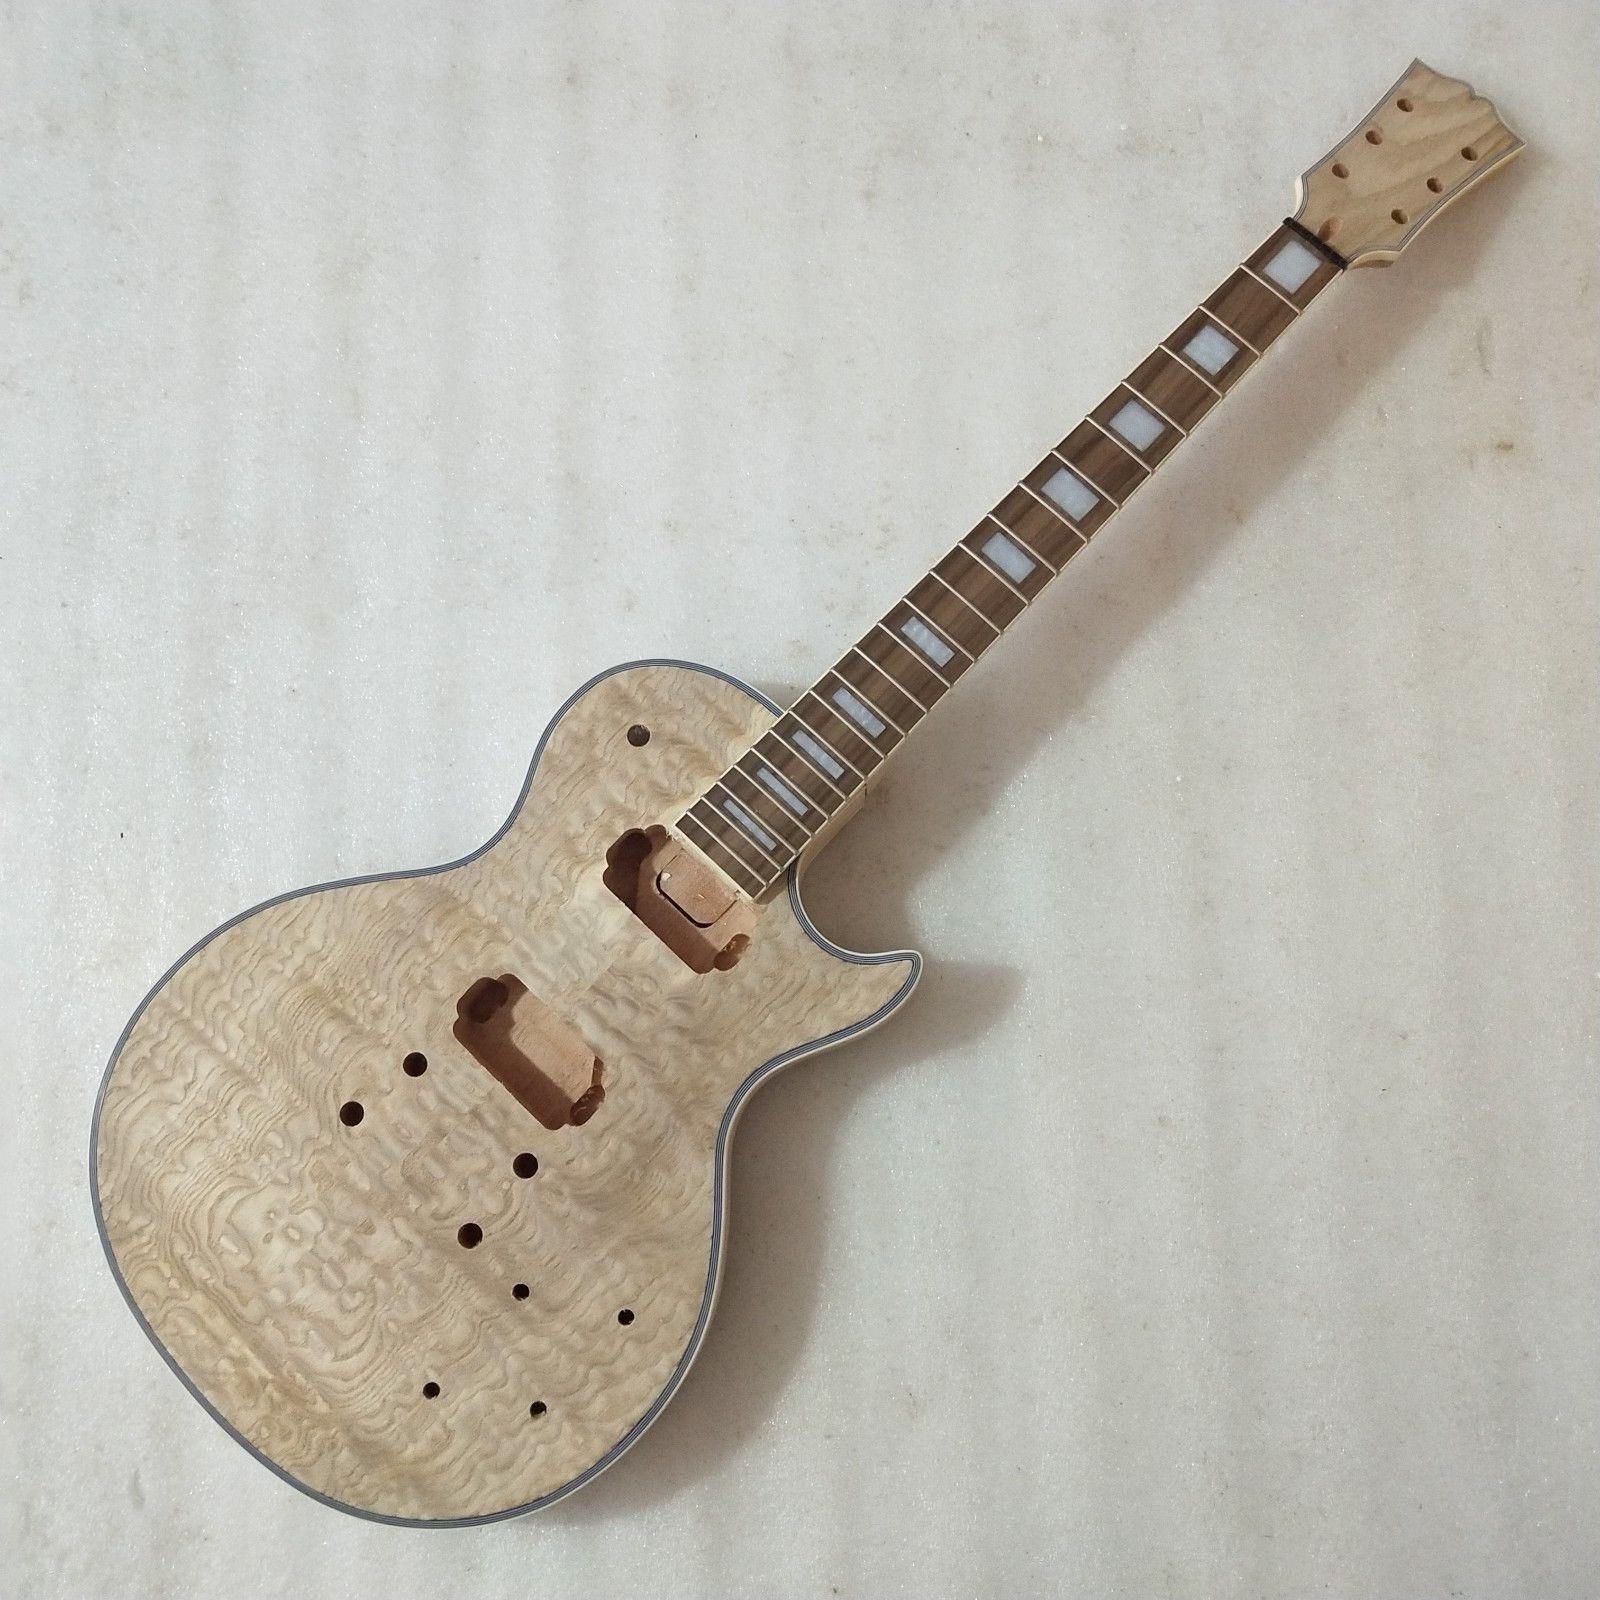 1 Satz Neue unvollendete E-Gitarre Hals und Körper für LP-Stil Gitarre